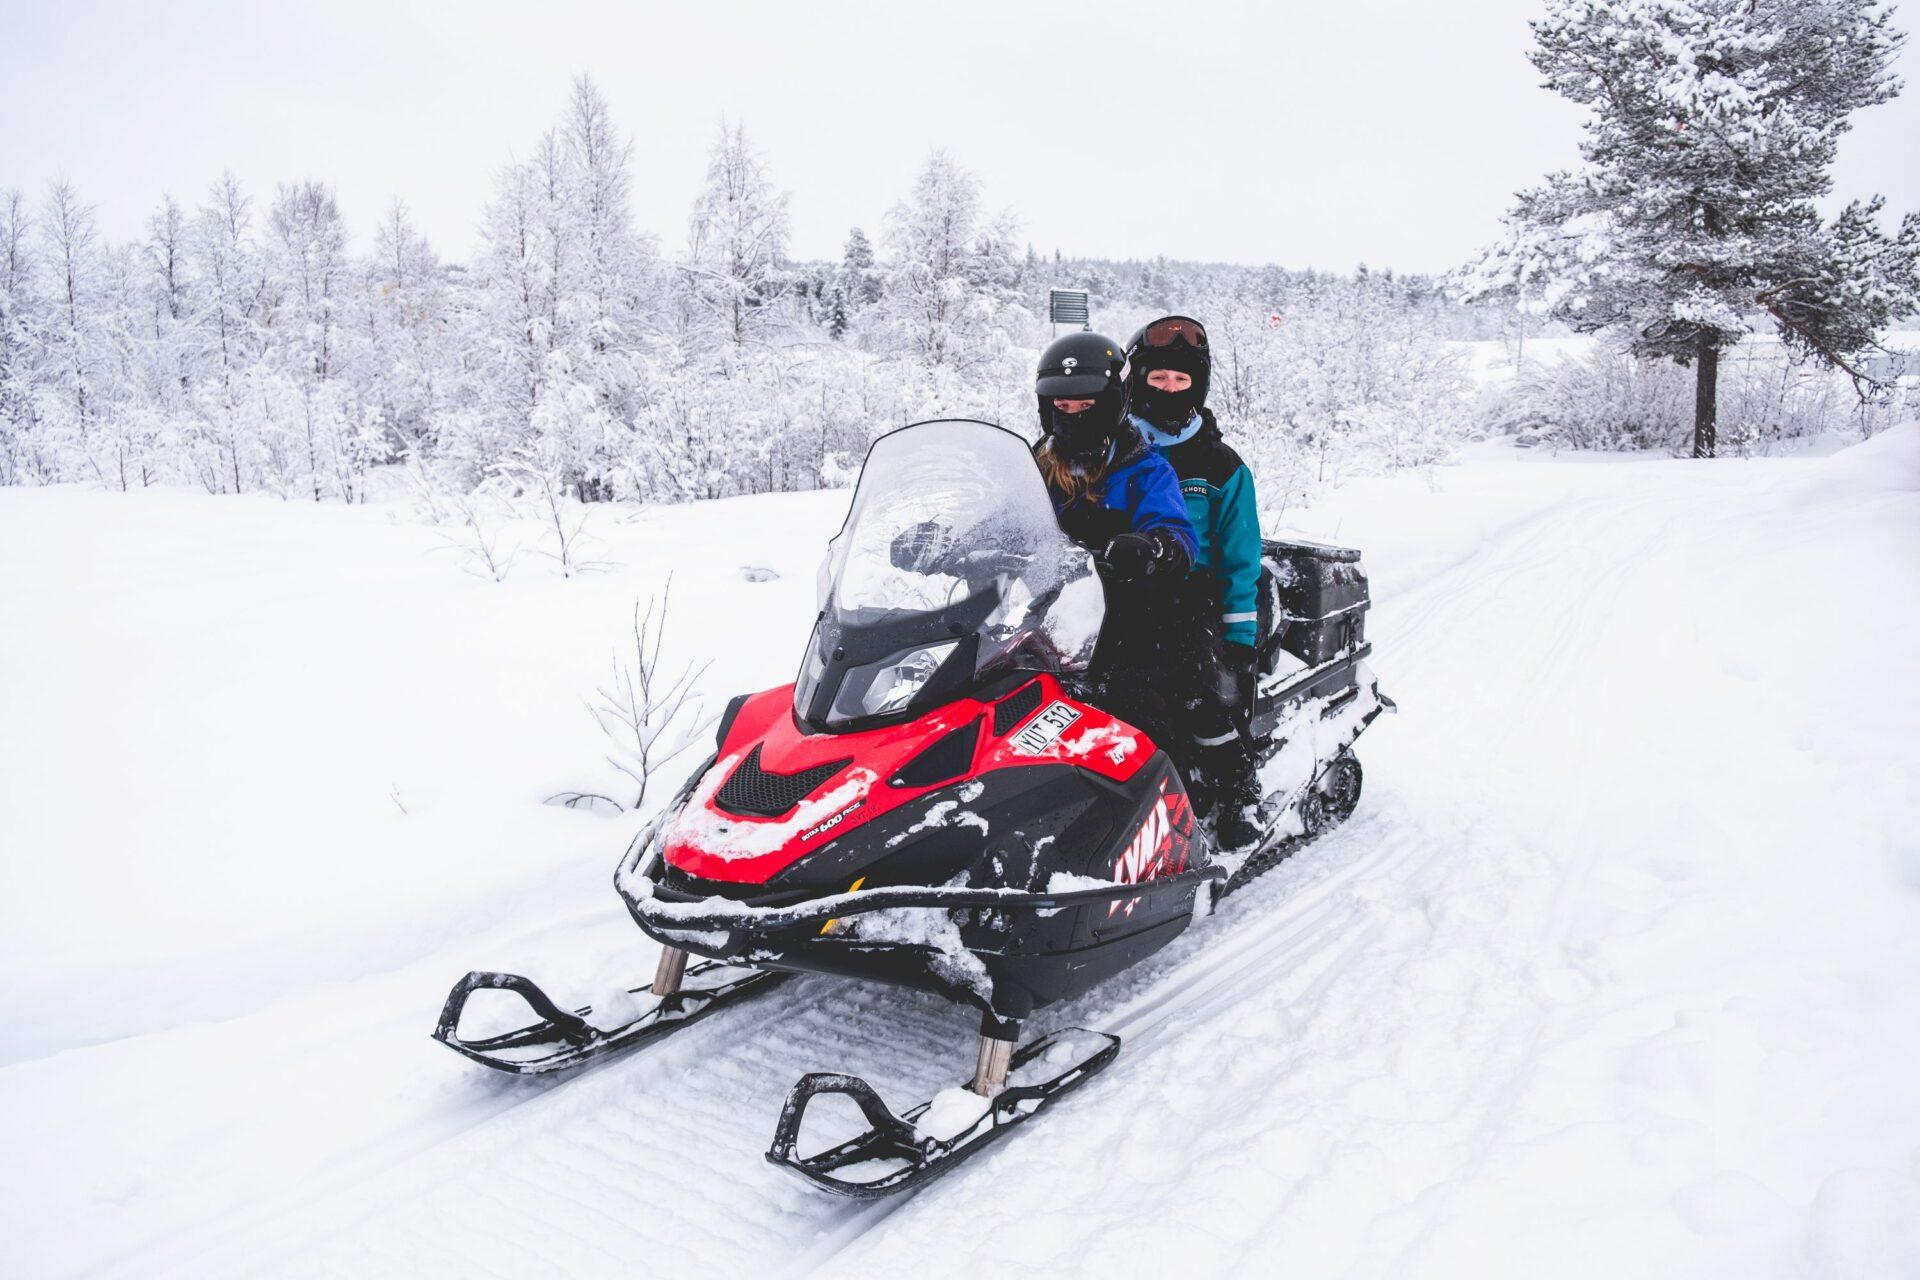 Sneeuwscootersafari door de bossen van Zweeds Lapland